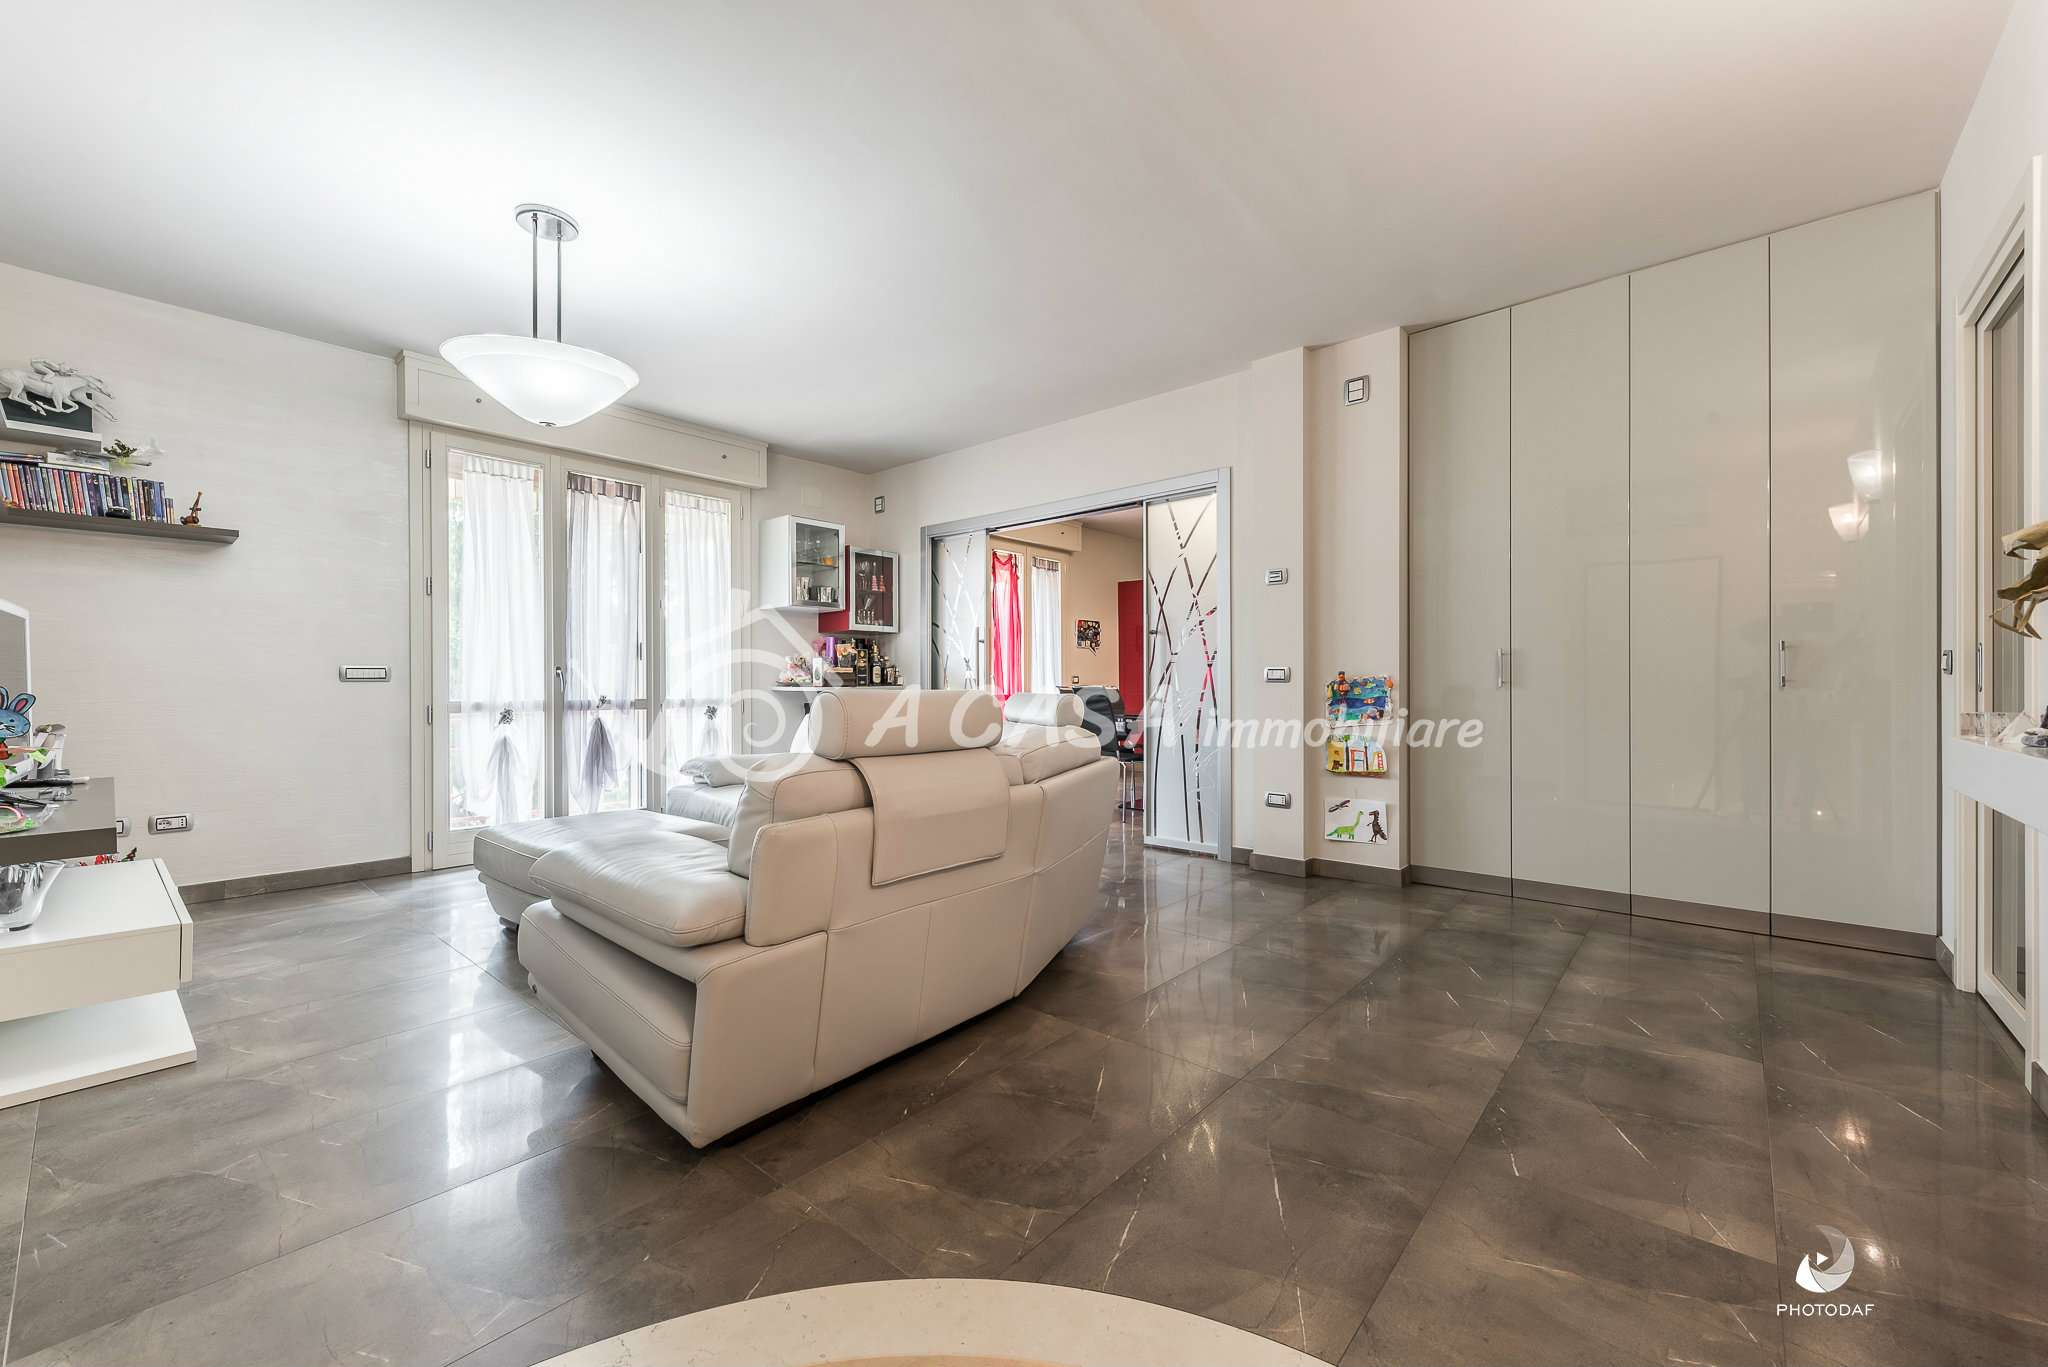 Appartamento ristrutturato in vendita Rif. 7891312